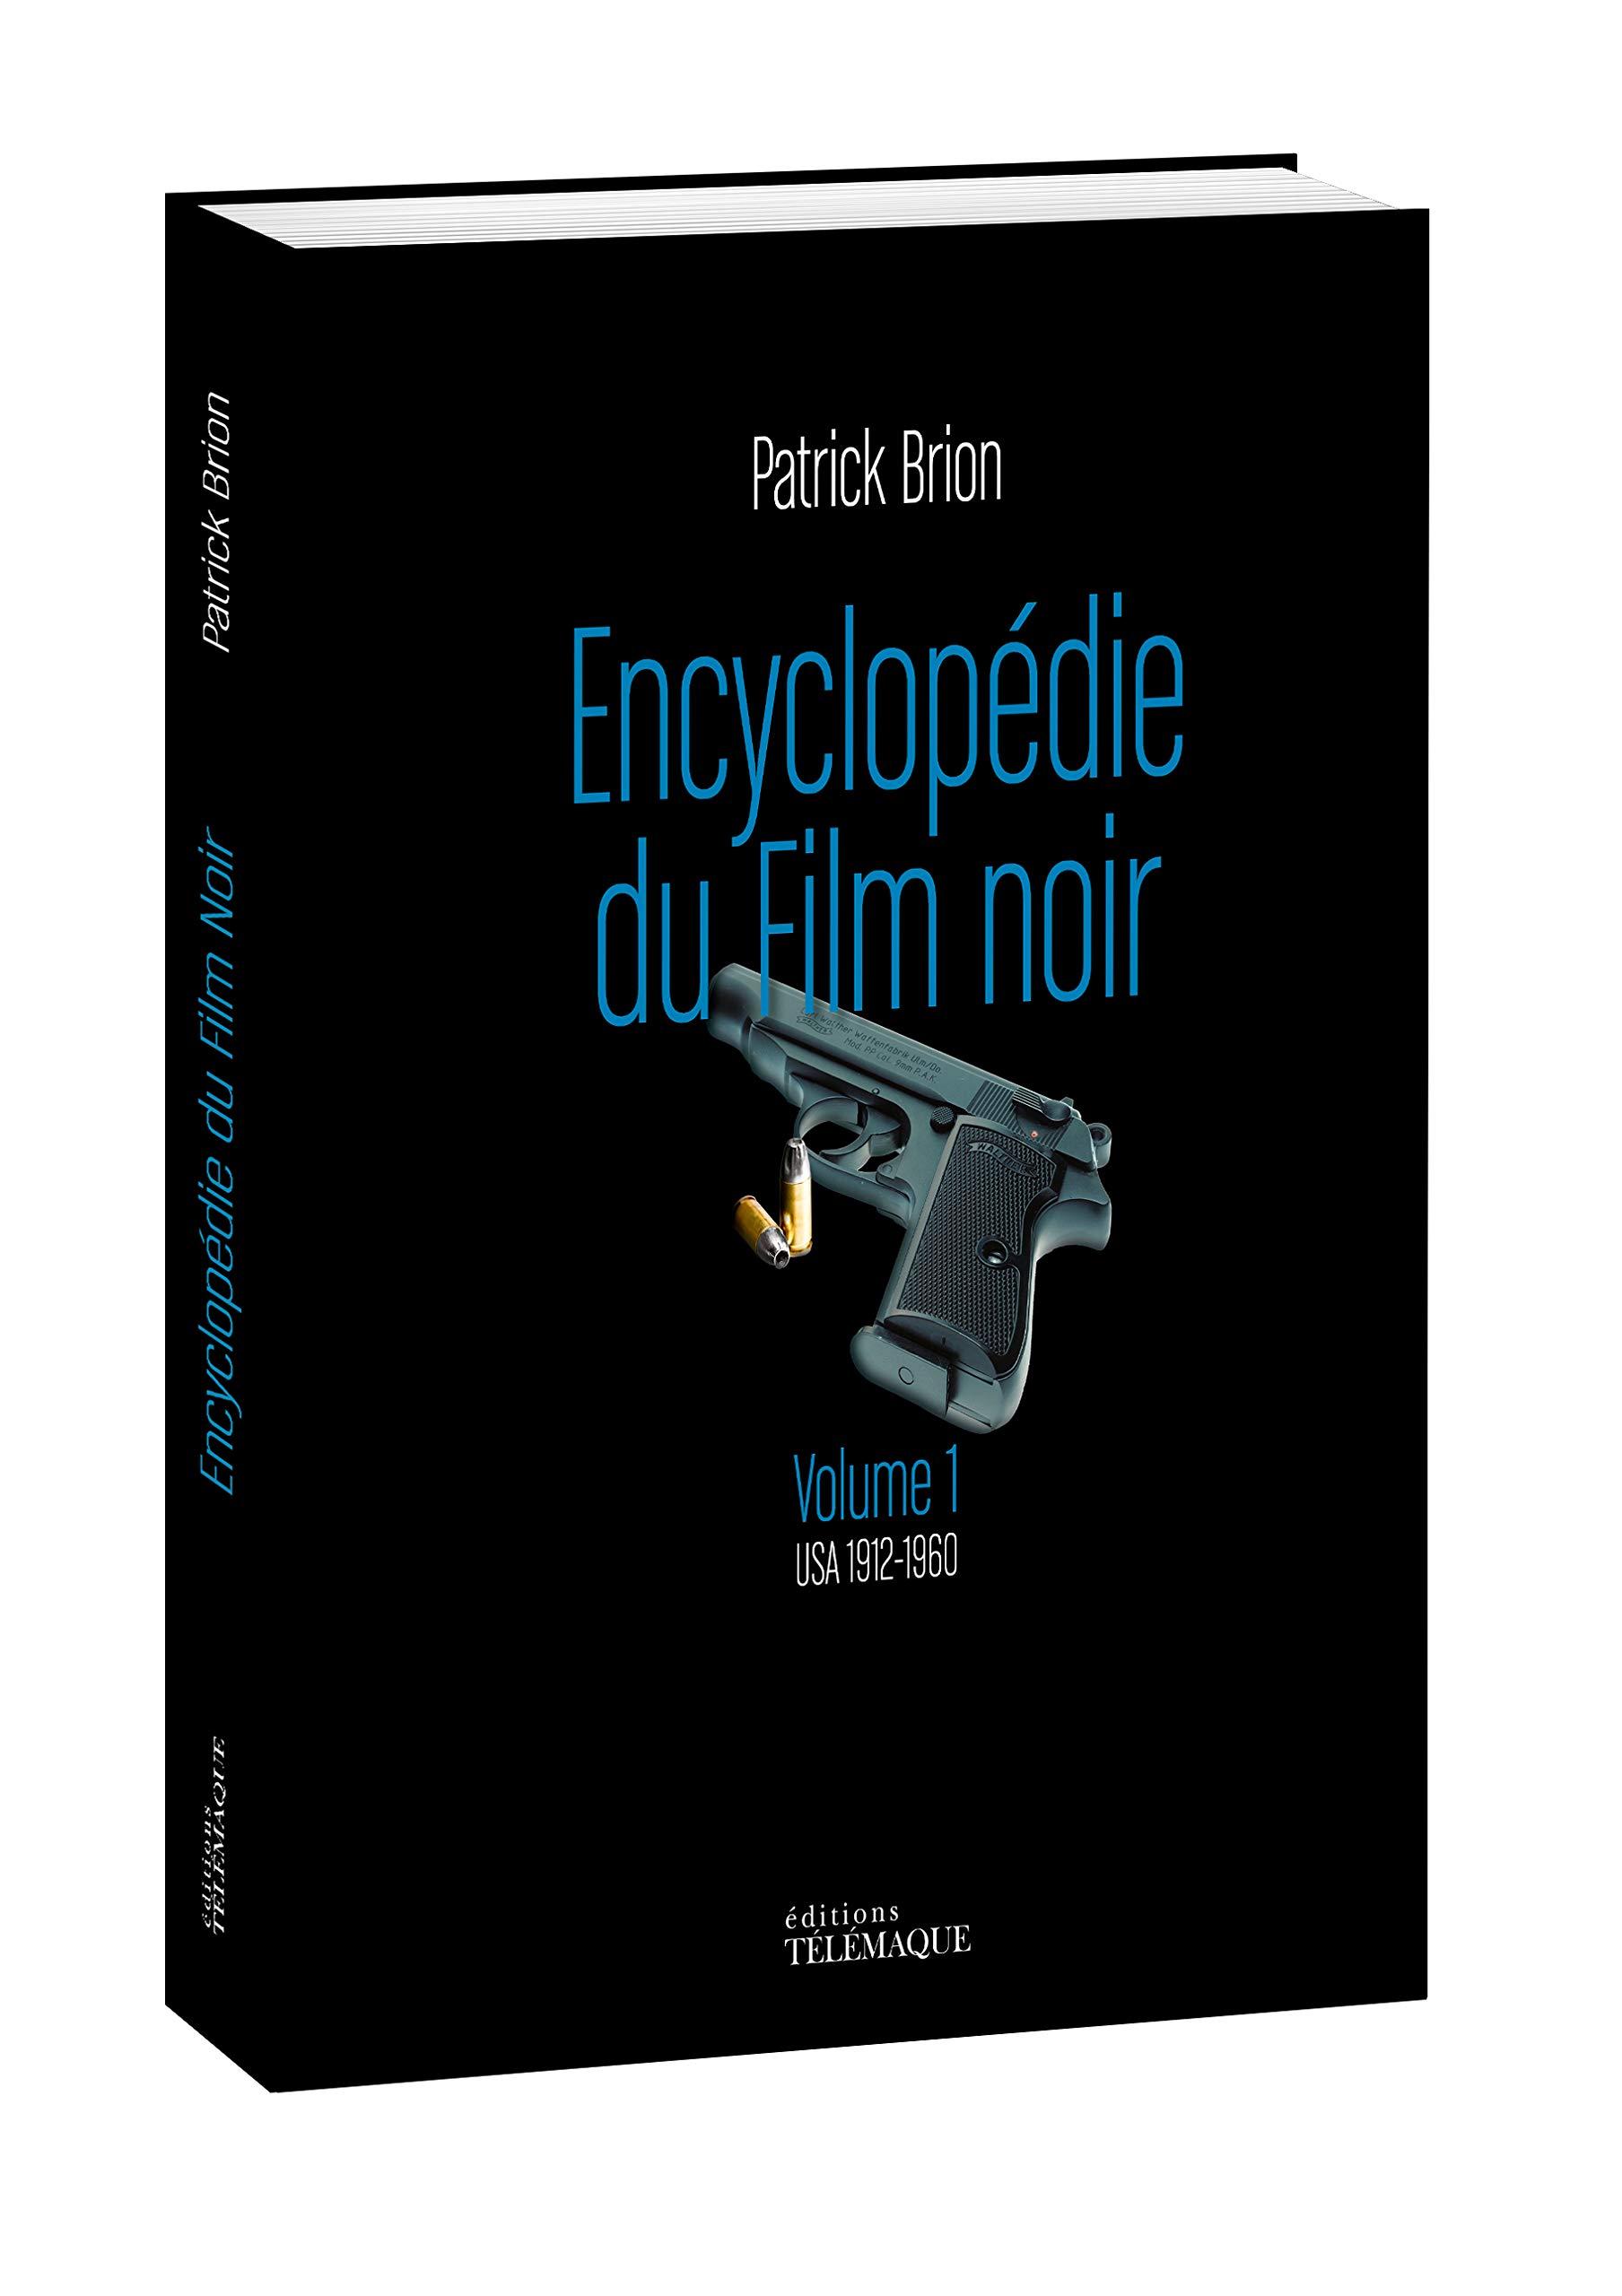 Libros sobre cine - Página 3 71lveWUQ%2BhL